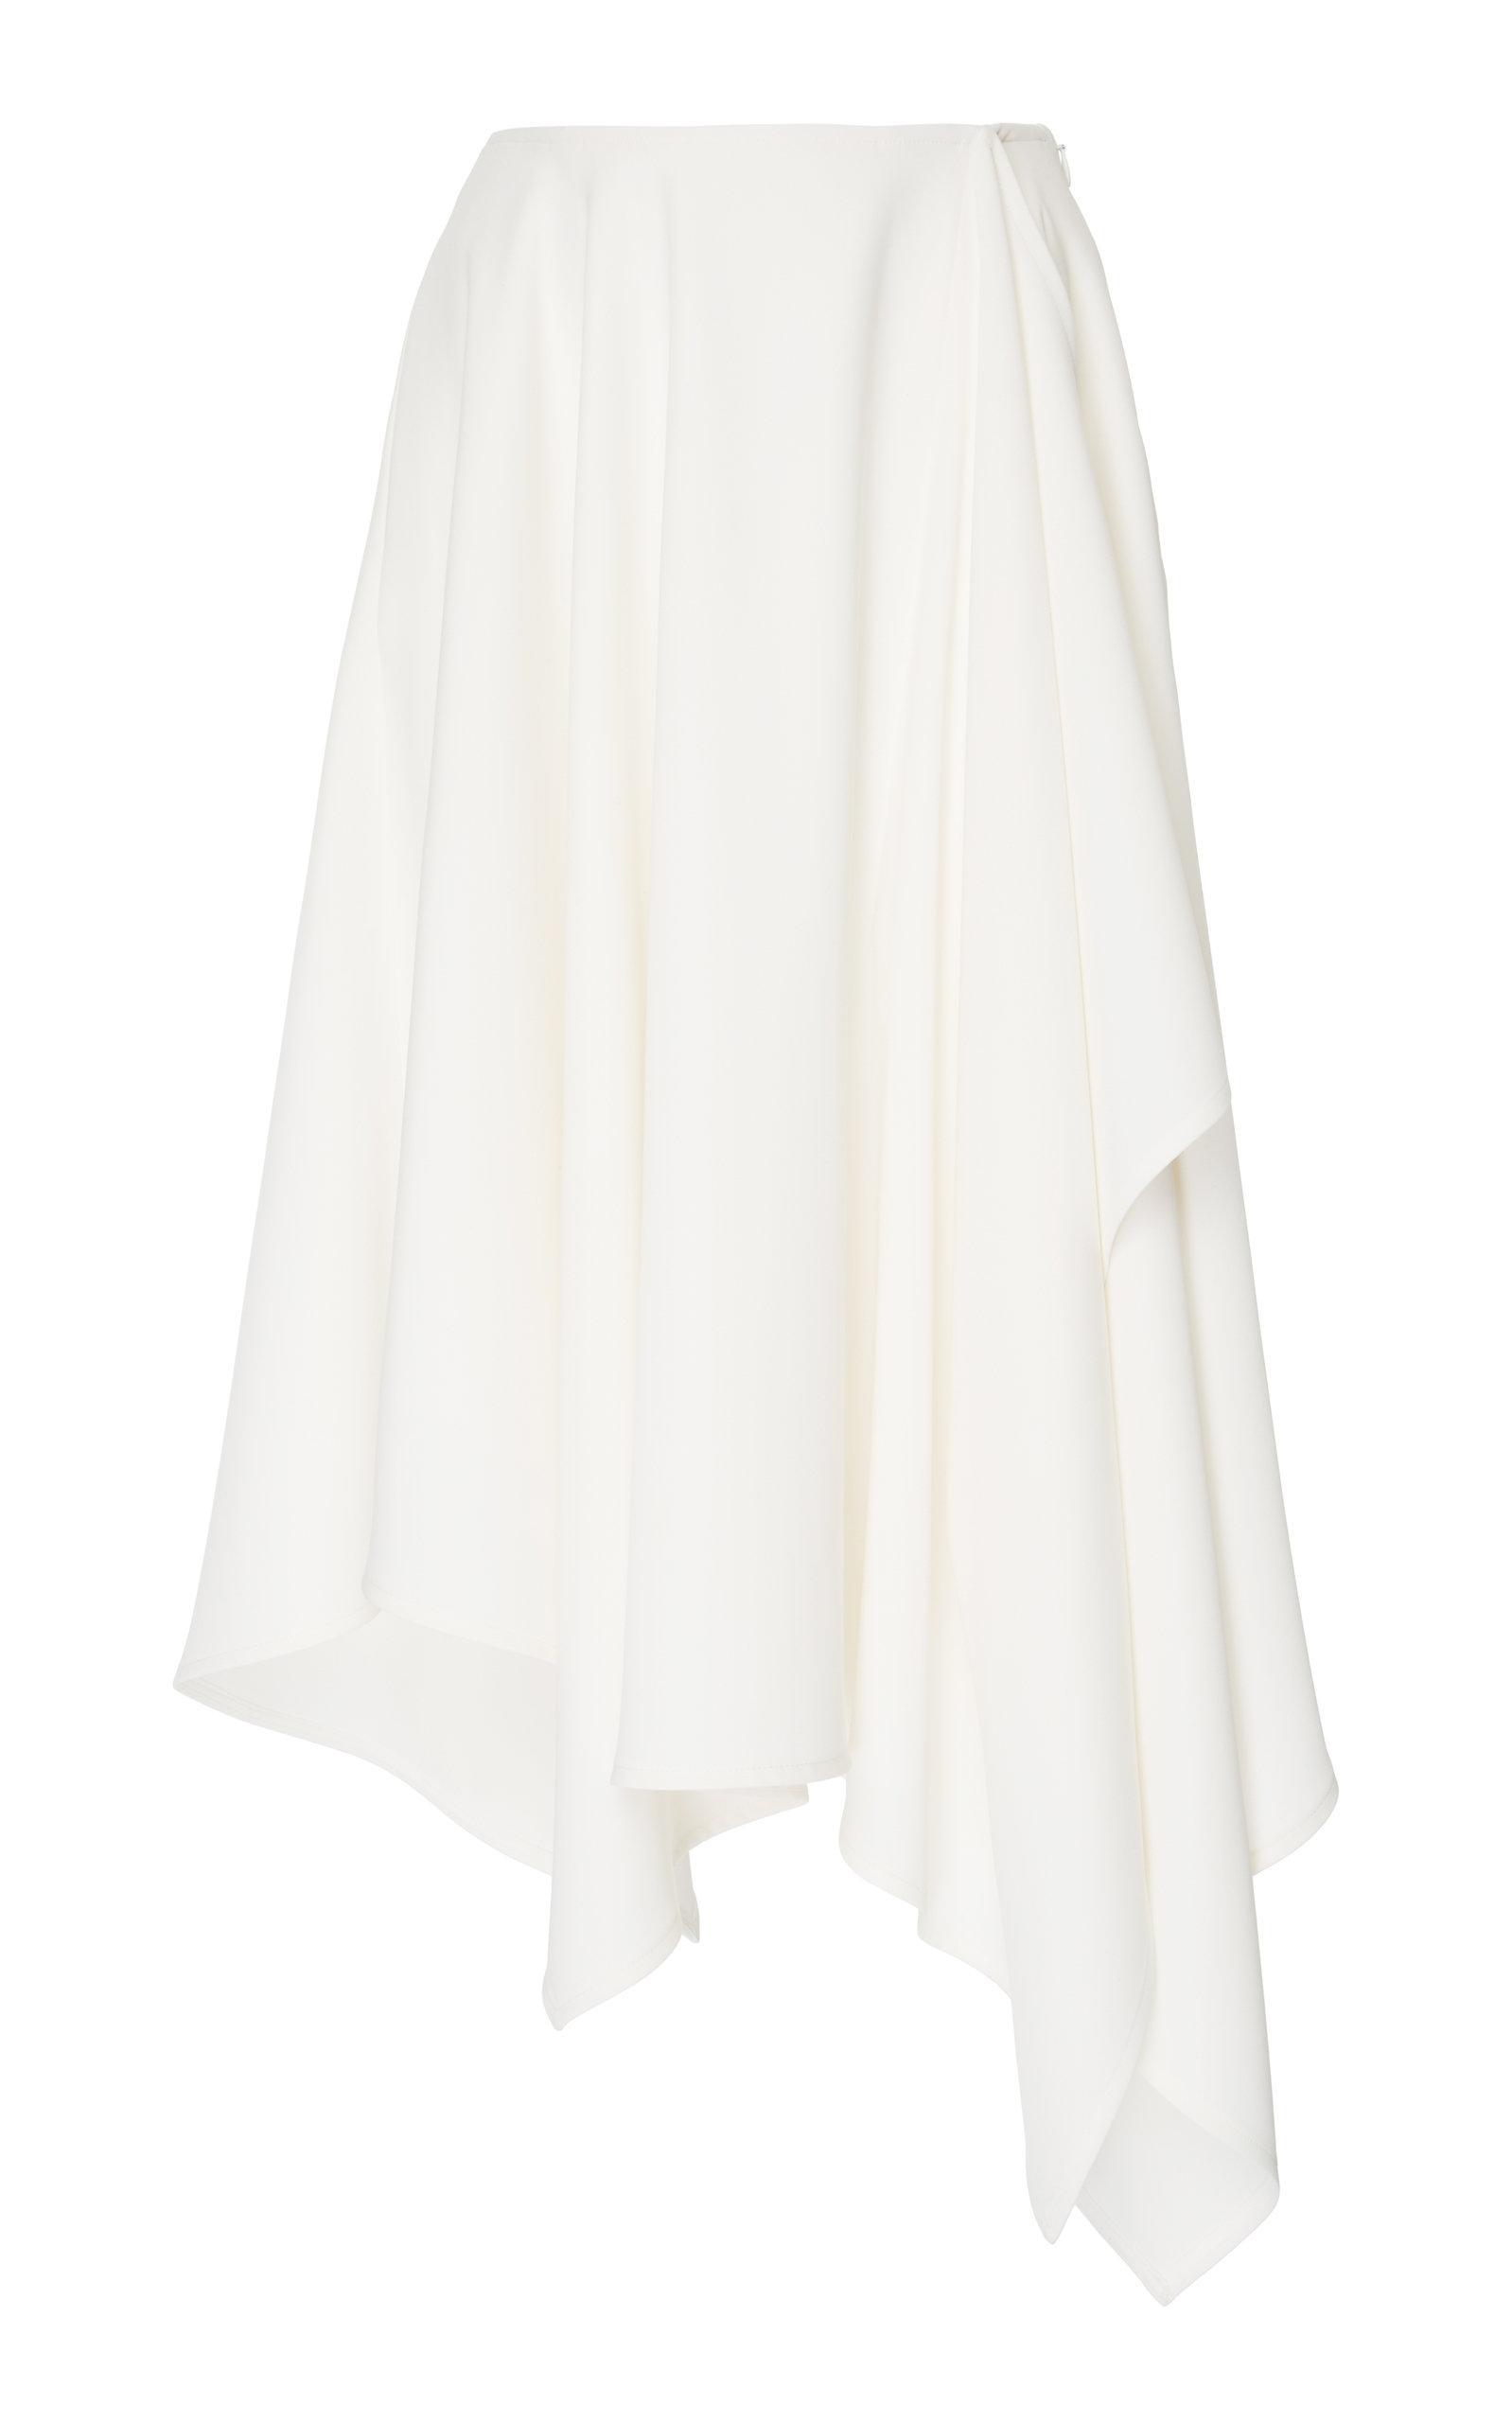 Adeam Handkerchief Skirt In White